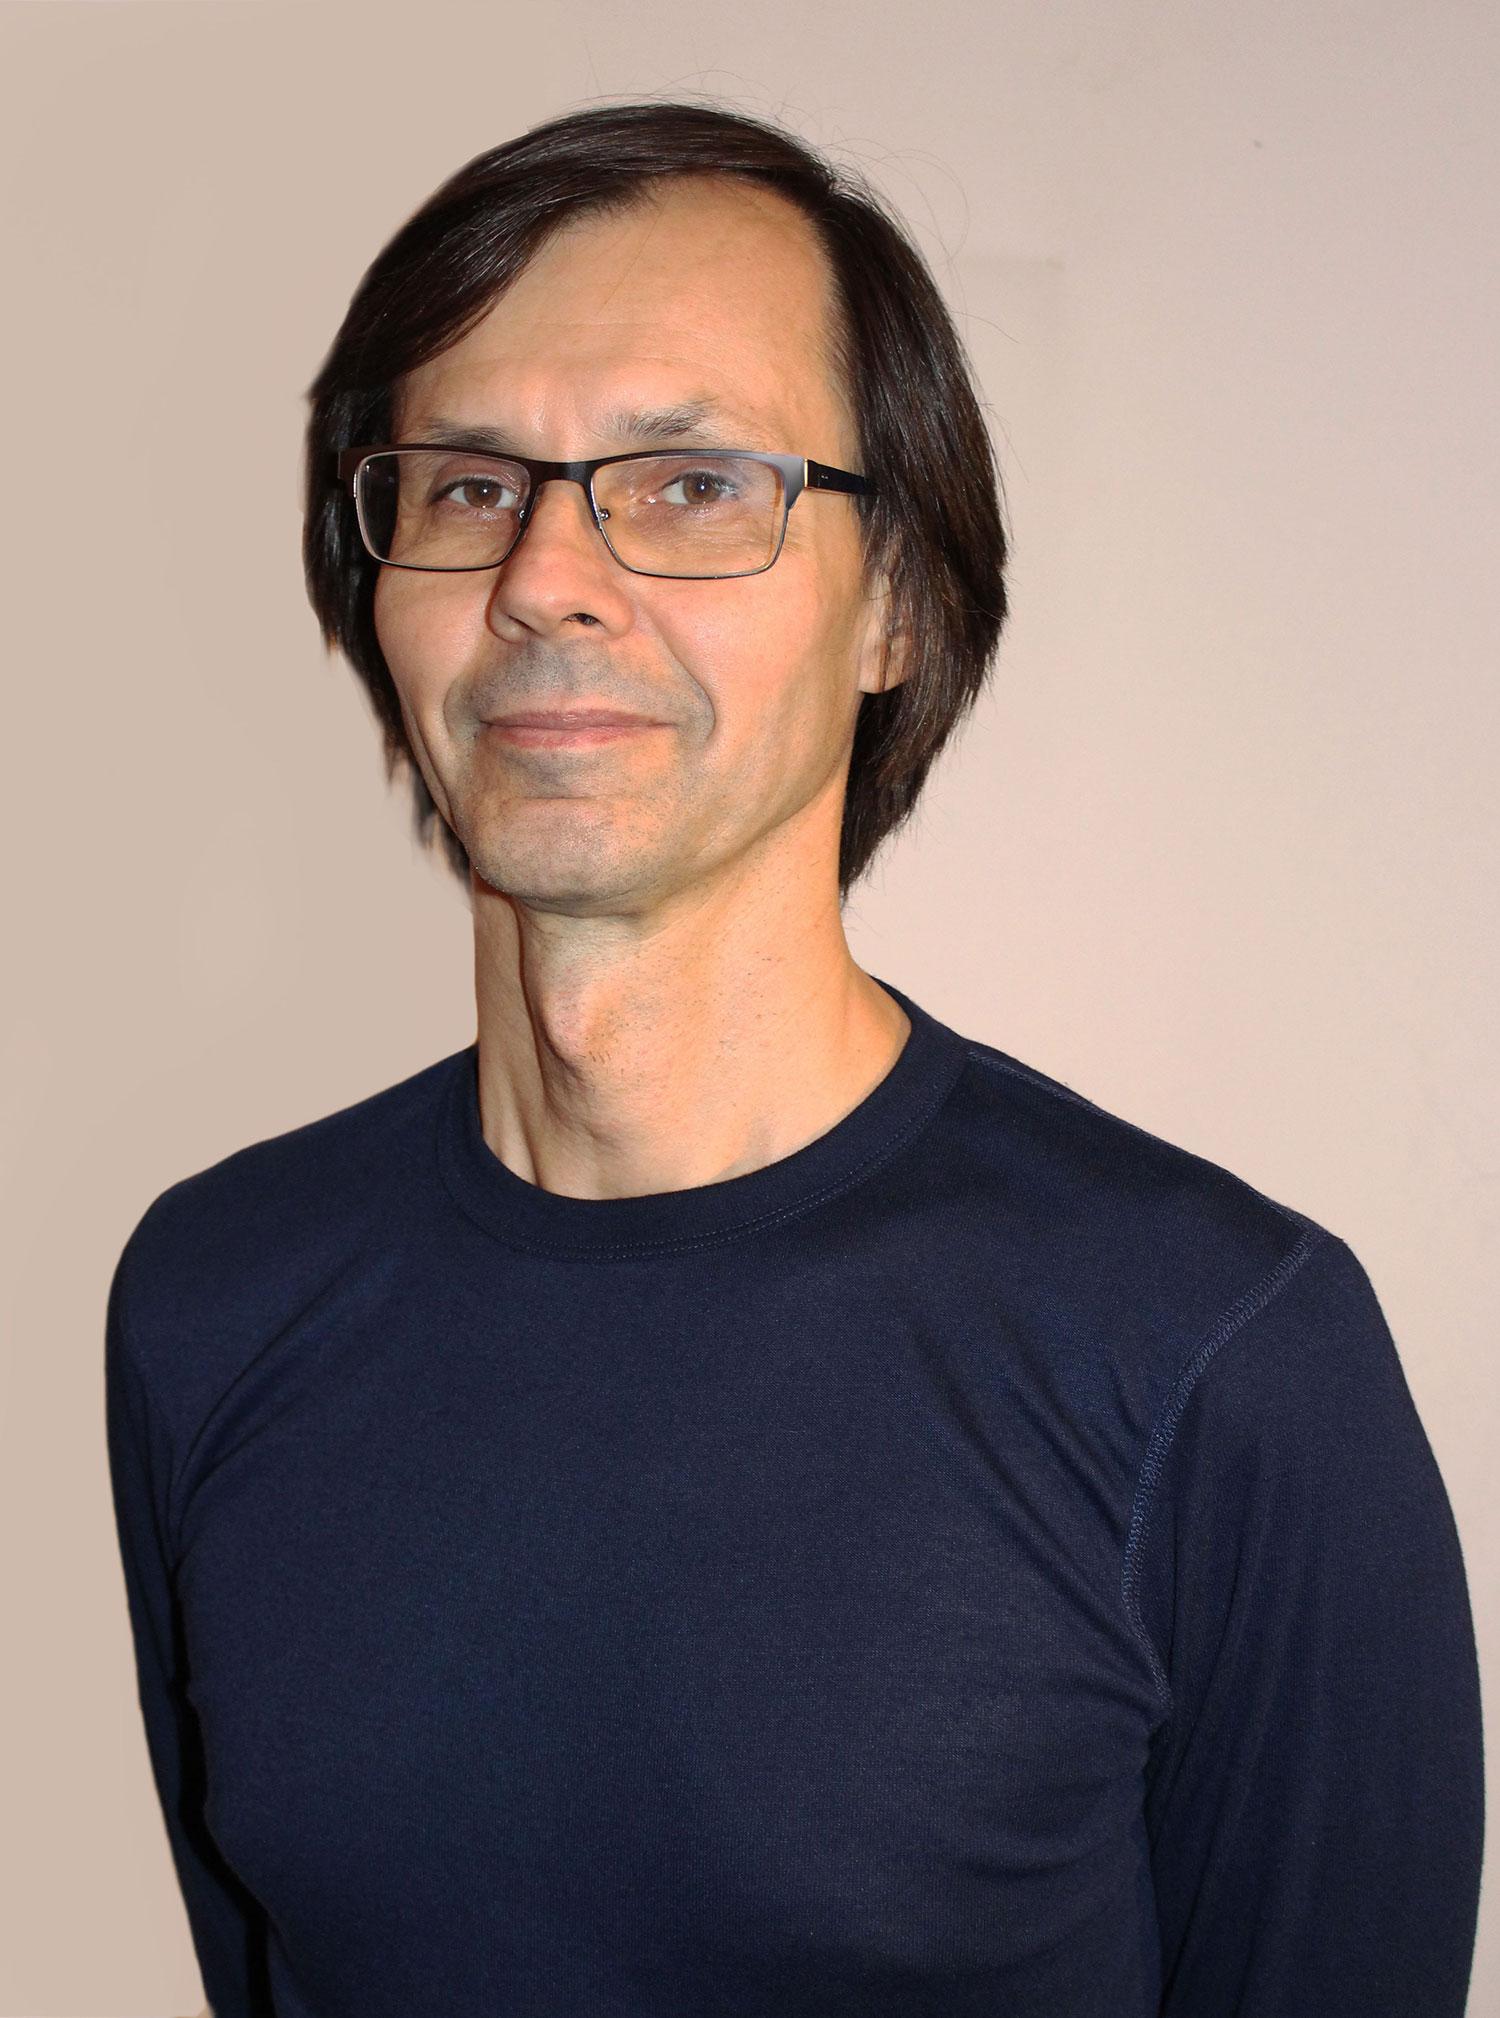 Instruktor OSK Jantar Piotr